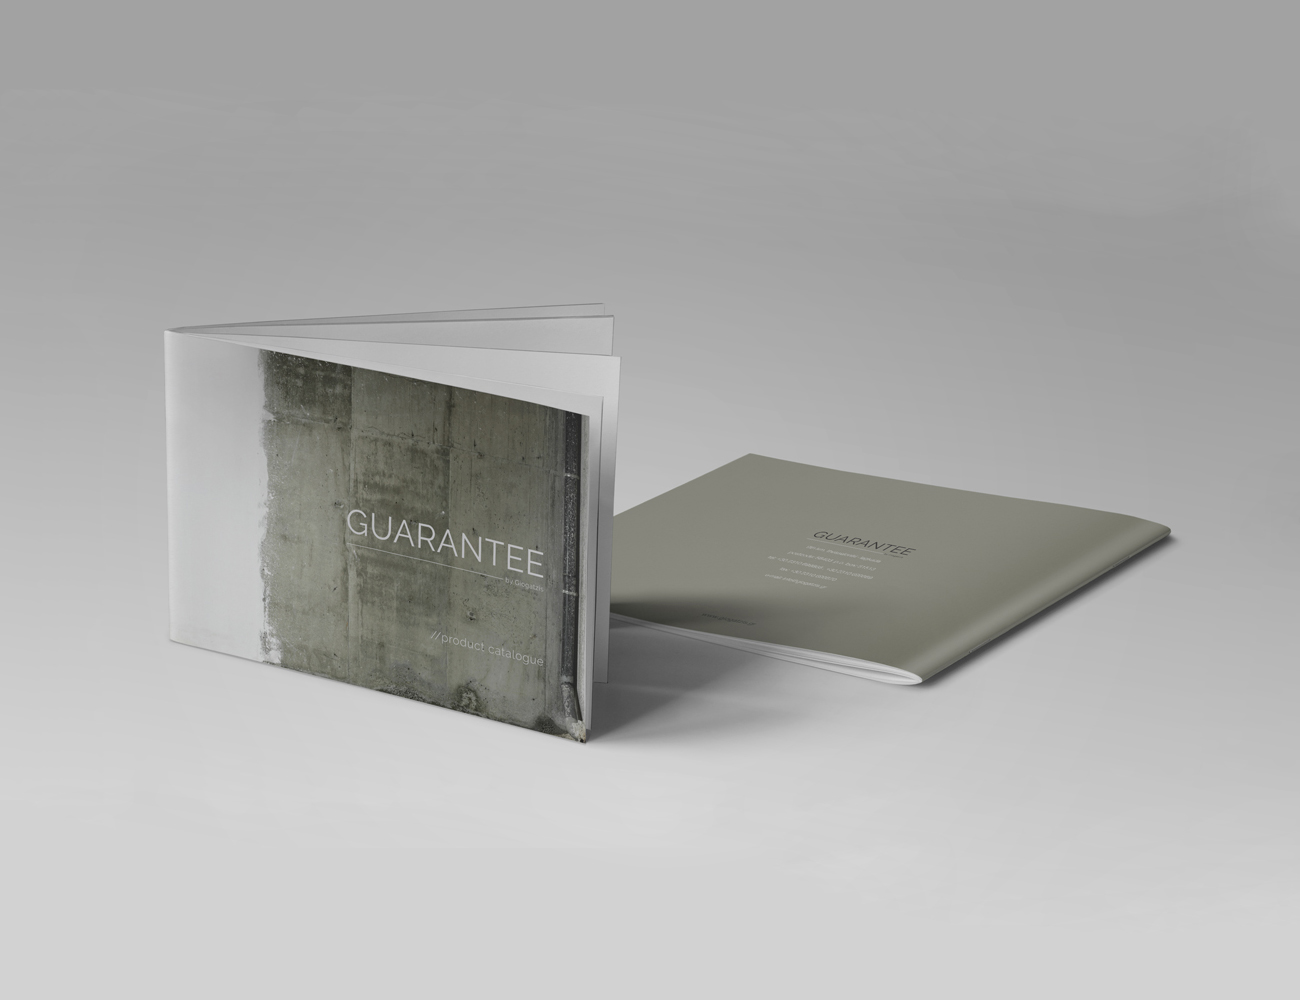 guarantee2015cataloguedesign10